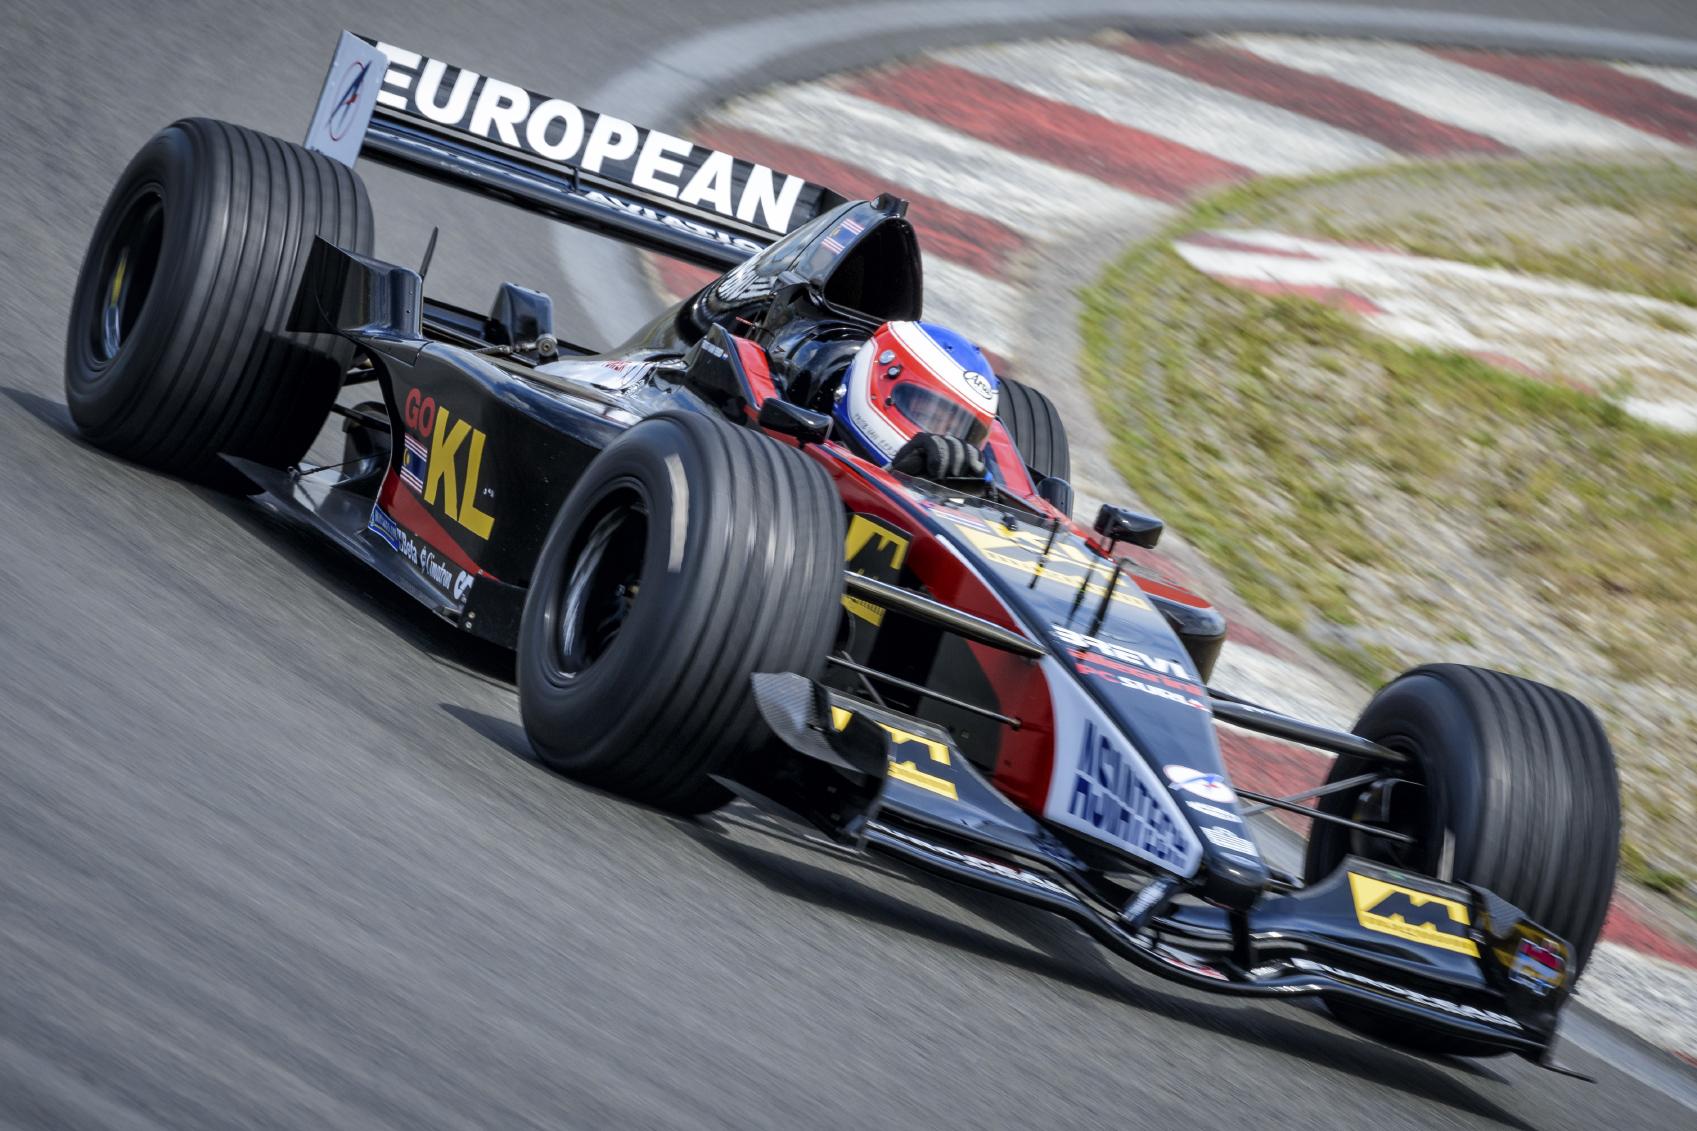 Formel1-bil kjører i full fart på bane.